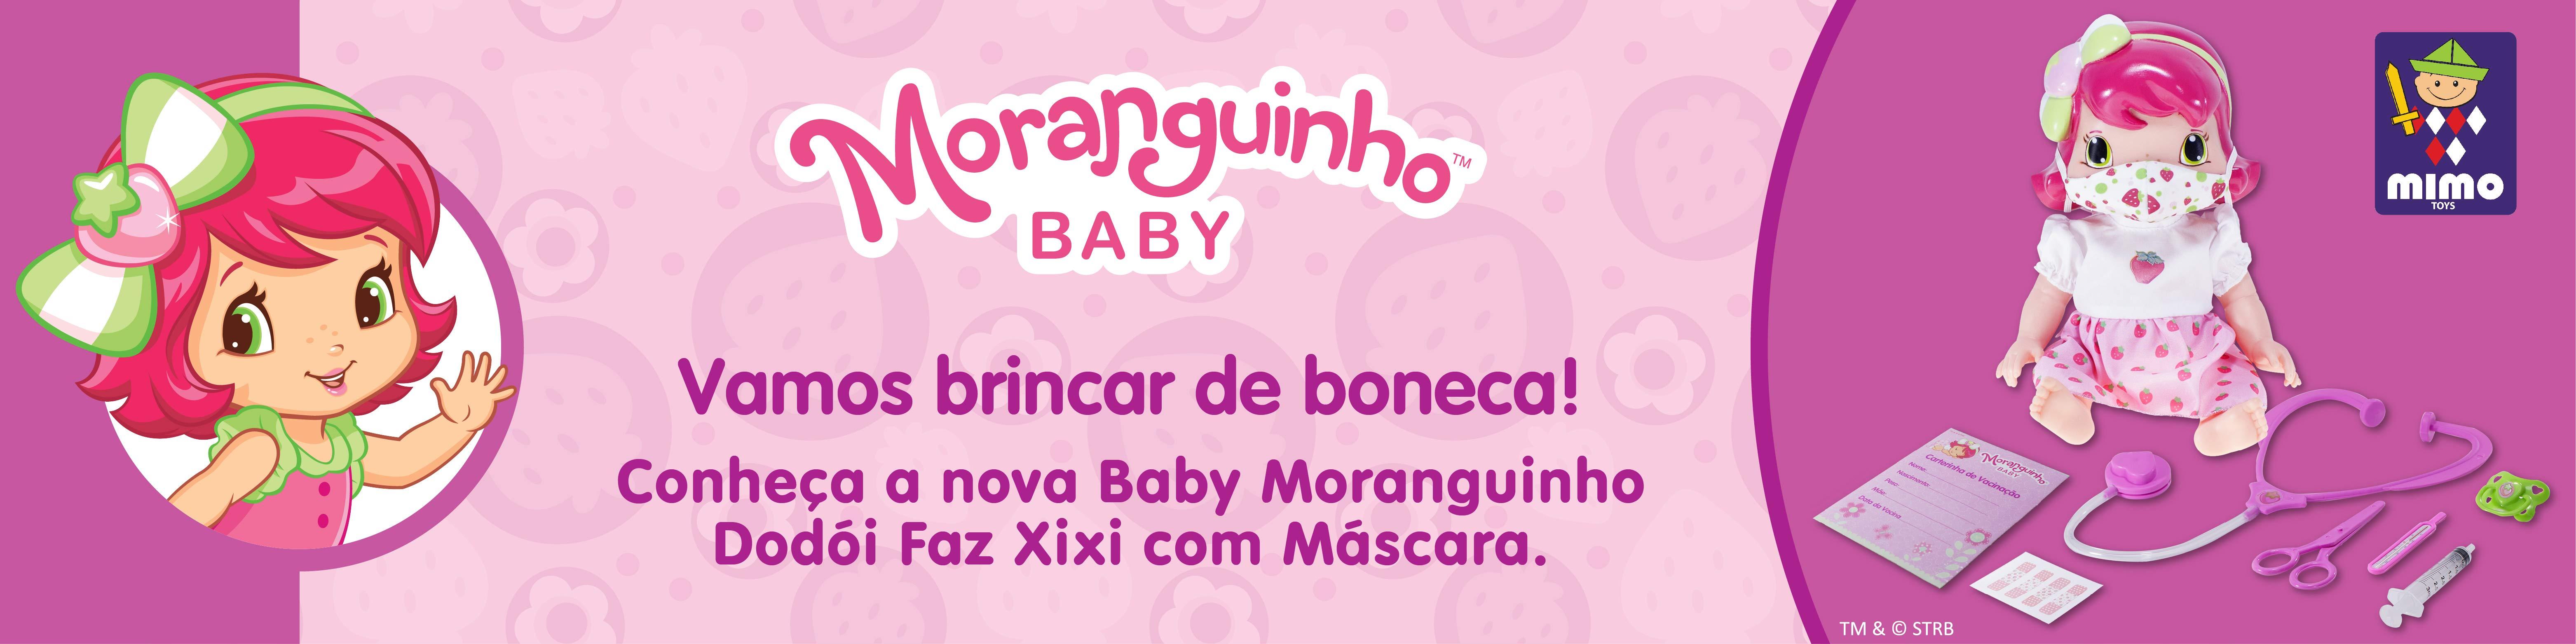 Moranguinho: